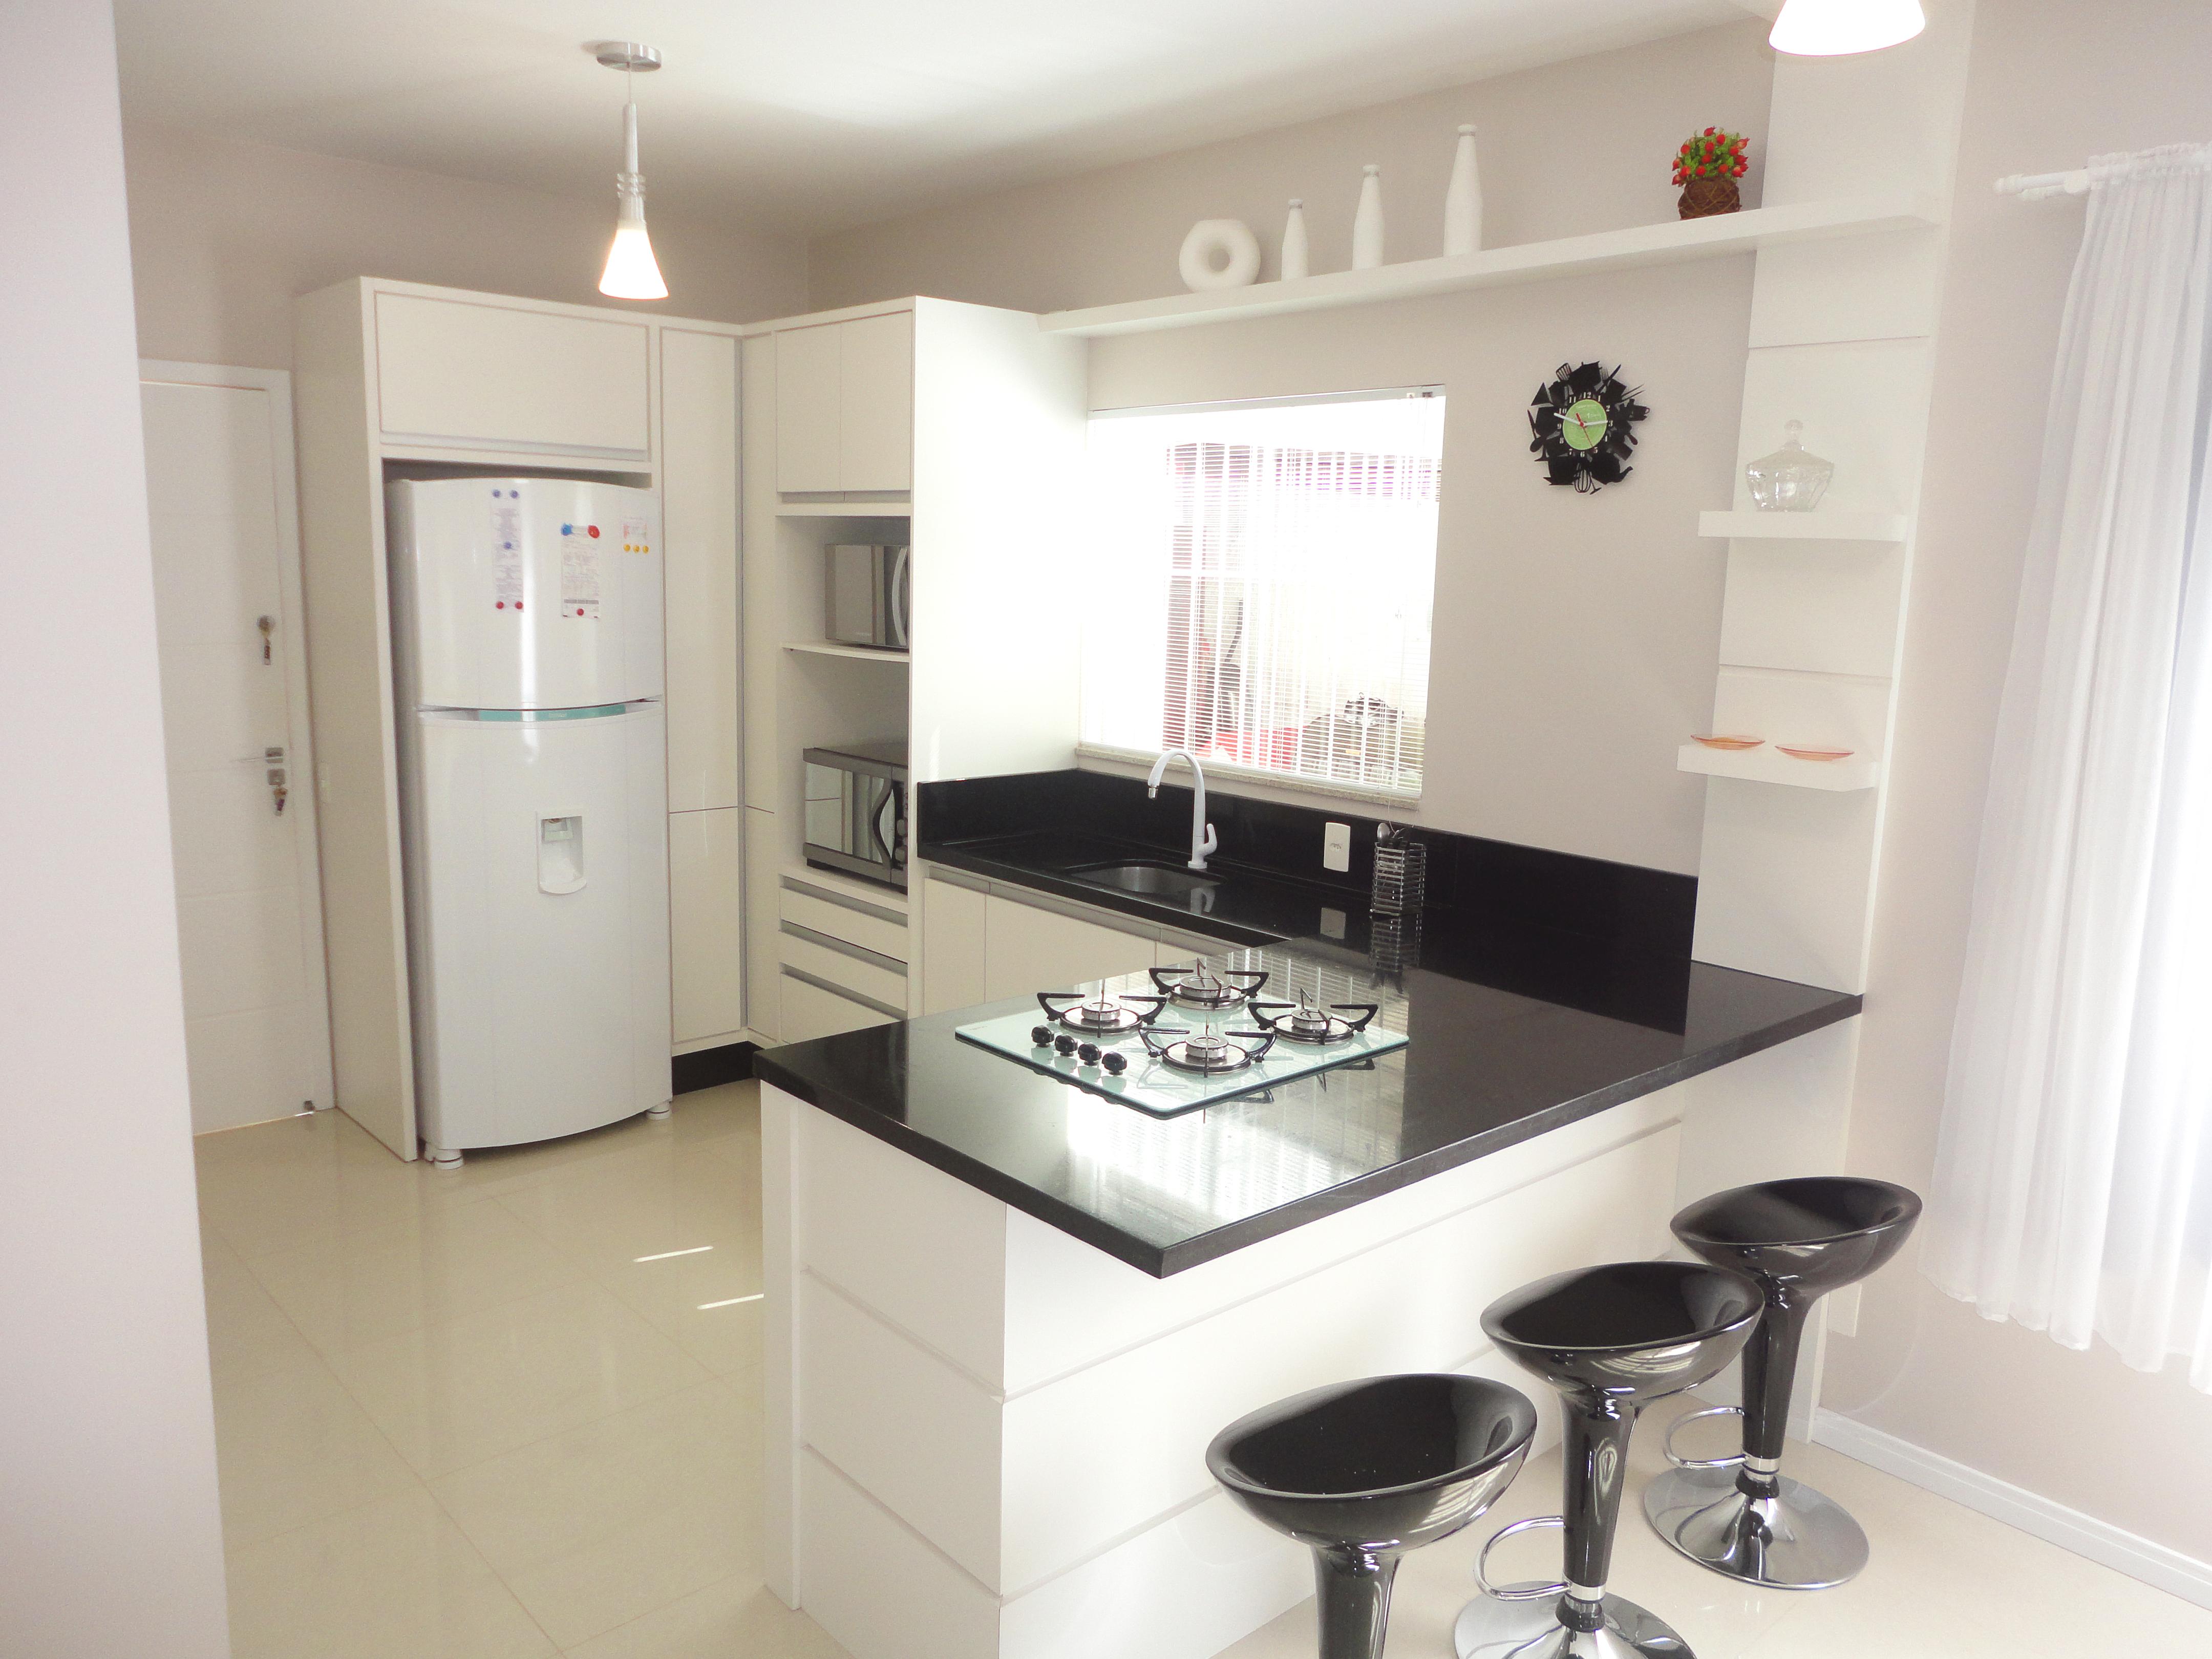 Cozinha Com Ilha Medidas Cozinha Com Ilha Medidas Nesta Cozinha A